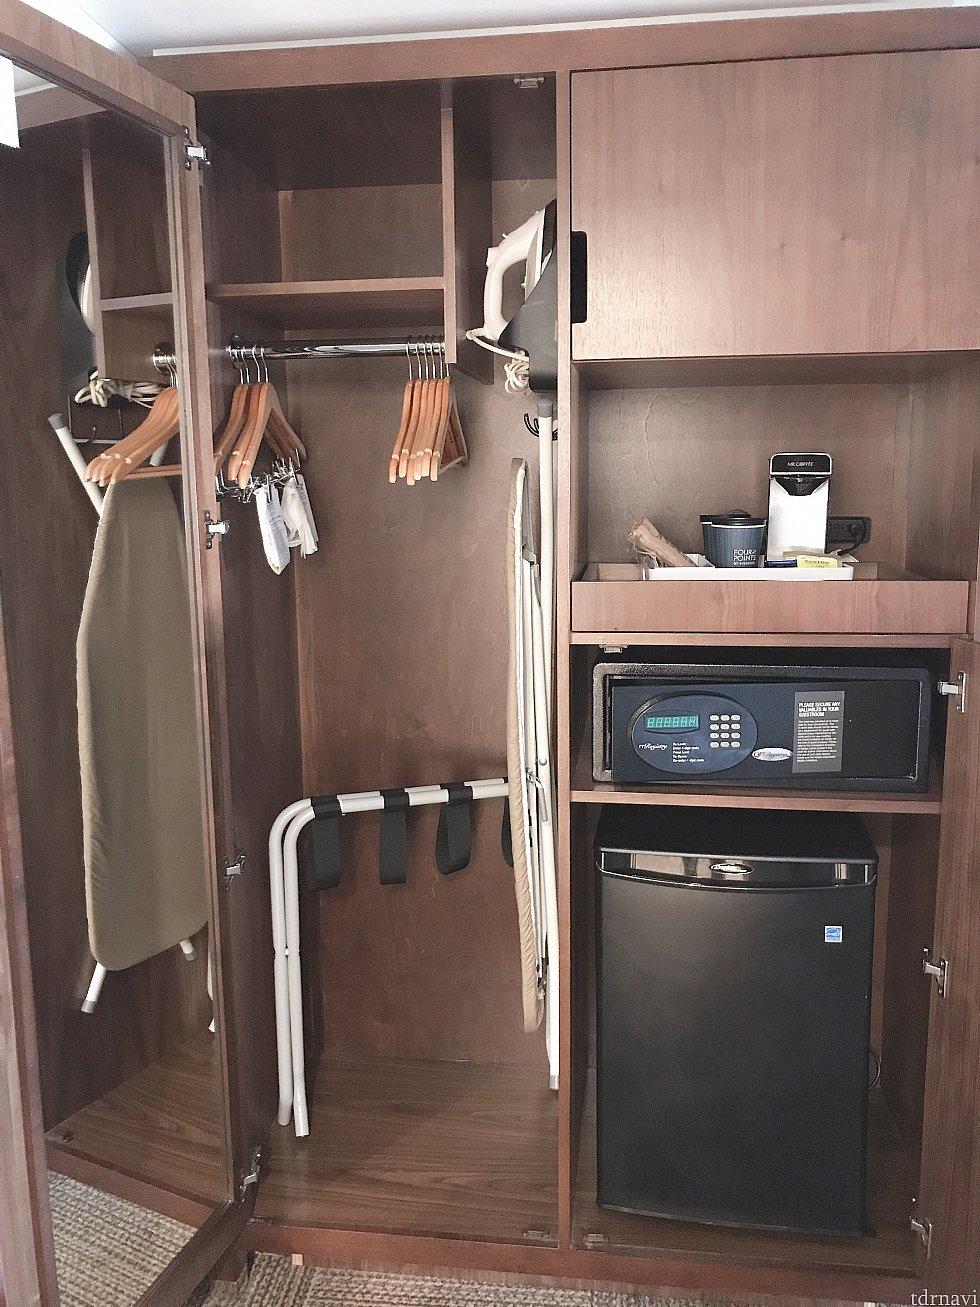 クローゼット。ハンガーは多めにありますがそんなに広くはないです。アイロン台とアイロンがあります。右上の棚は枕が入ってました。 コーヒーメーカー、金庫、冷蔵庫があります。